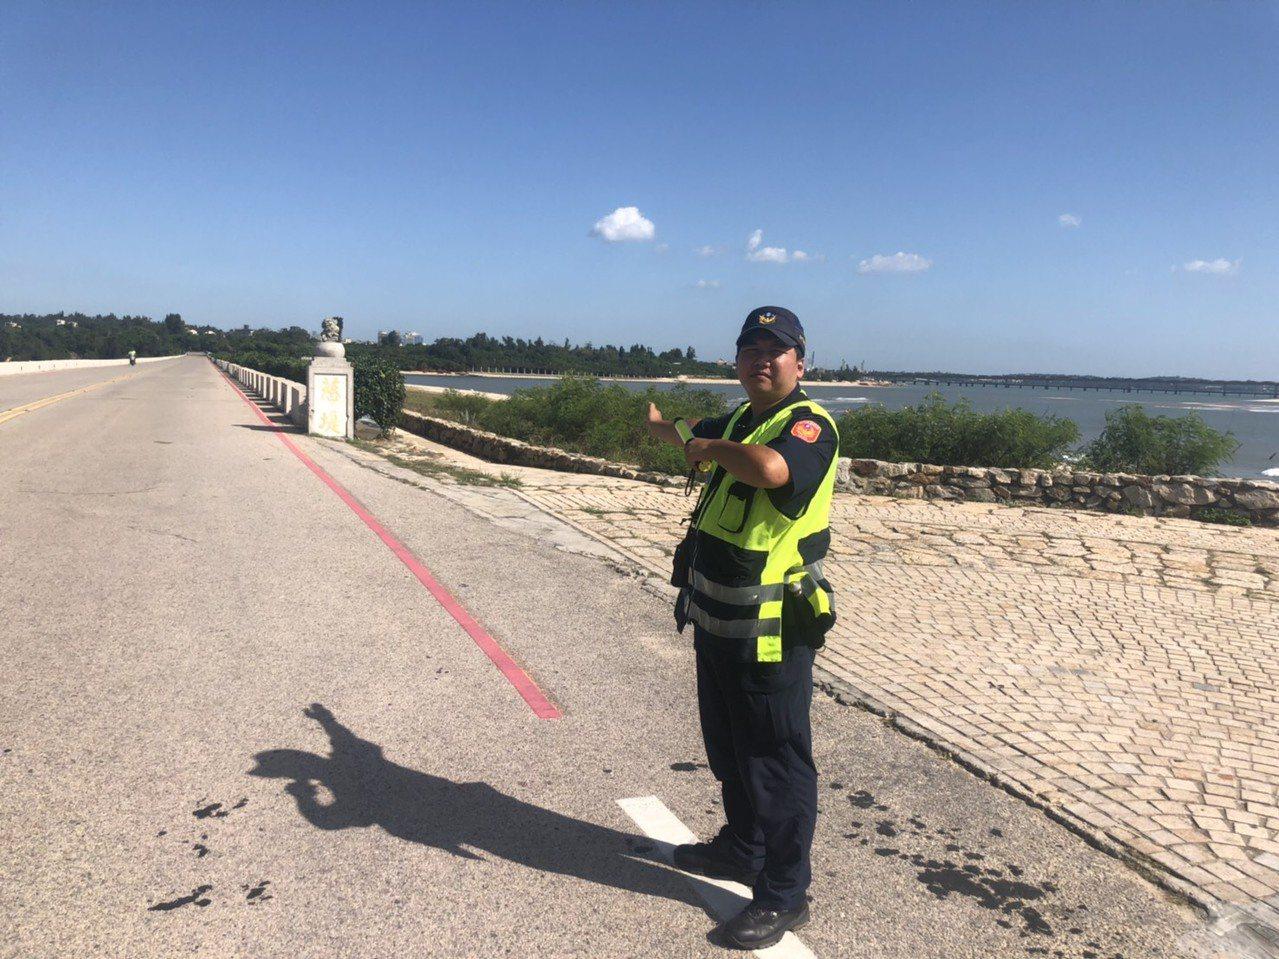 金門近日天氣炎熱,警察在烈日下值勤都很辛苦。記者蔡家蓁/攝影